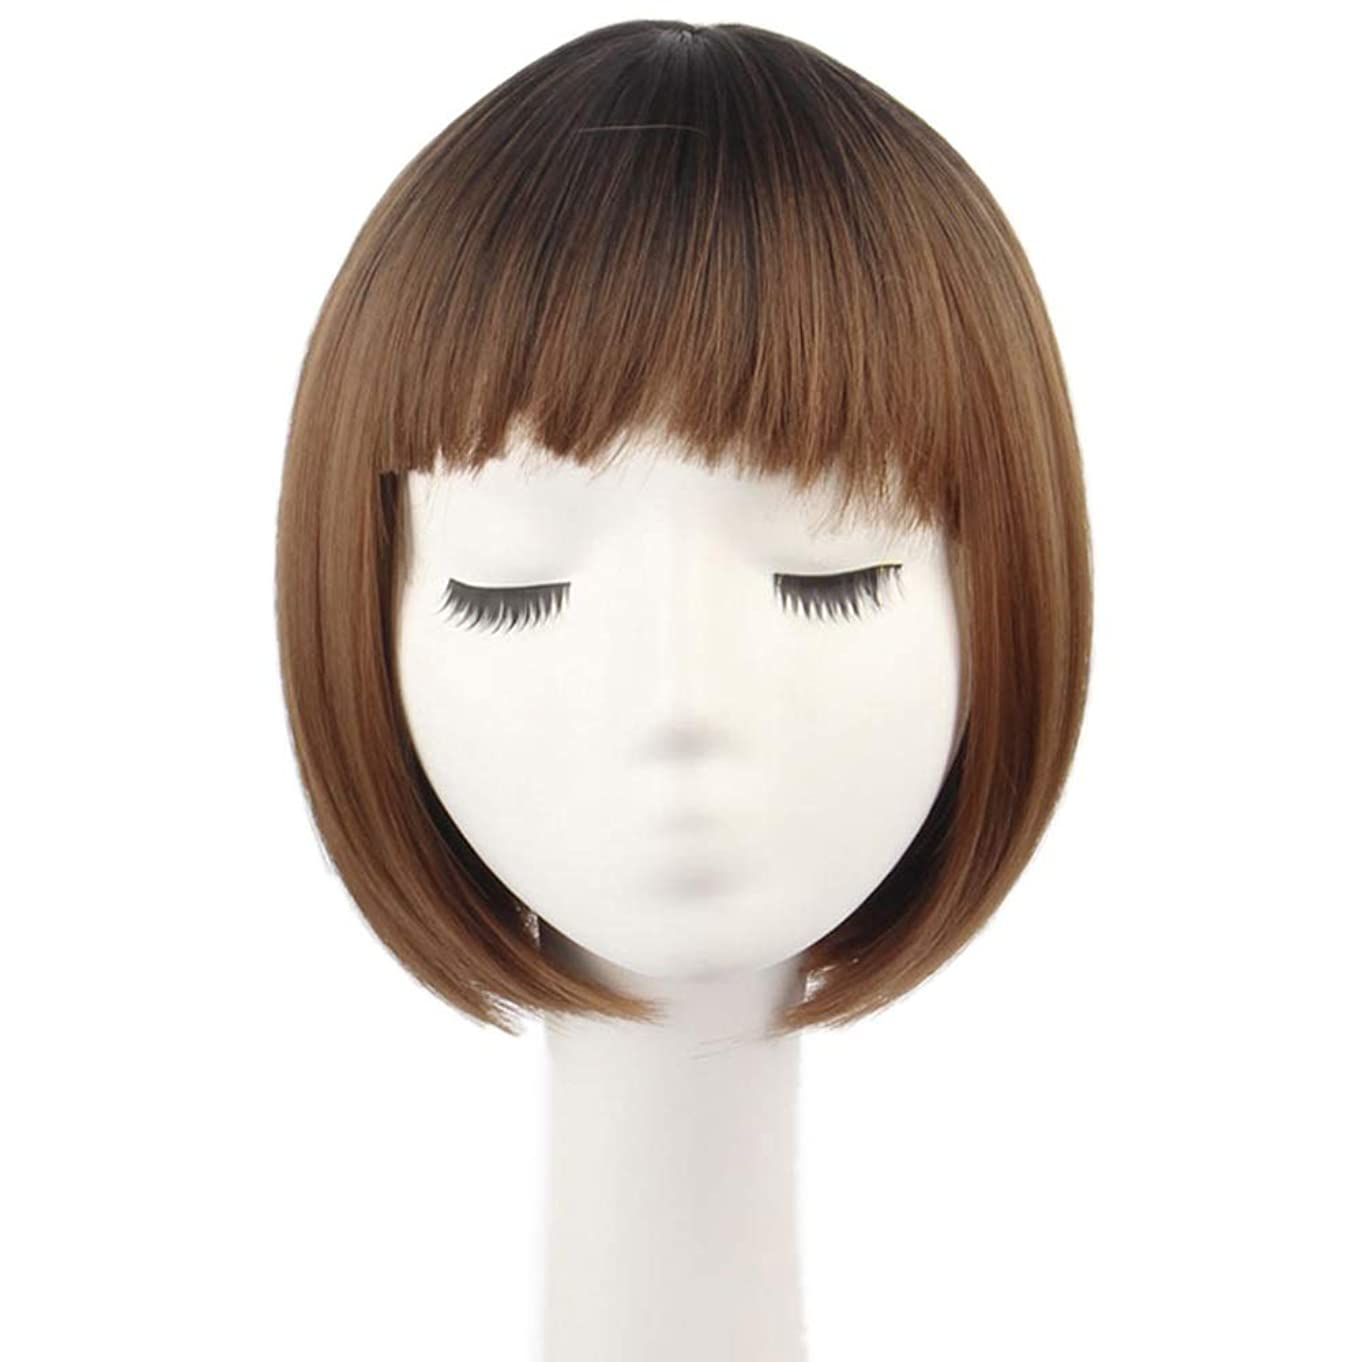 しないでくださいストライドアルネIsikawan 前髪付きふわふわボブ自然なハンサムかつら女性用デイリードレスダークルーツライトブラウンショート (色 : Photo Color, サイズ : 20 inches)